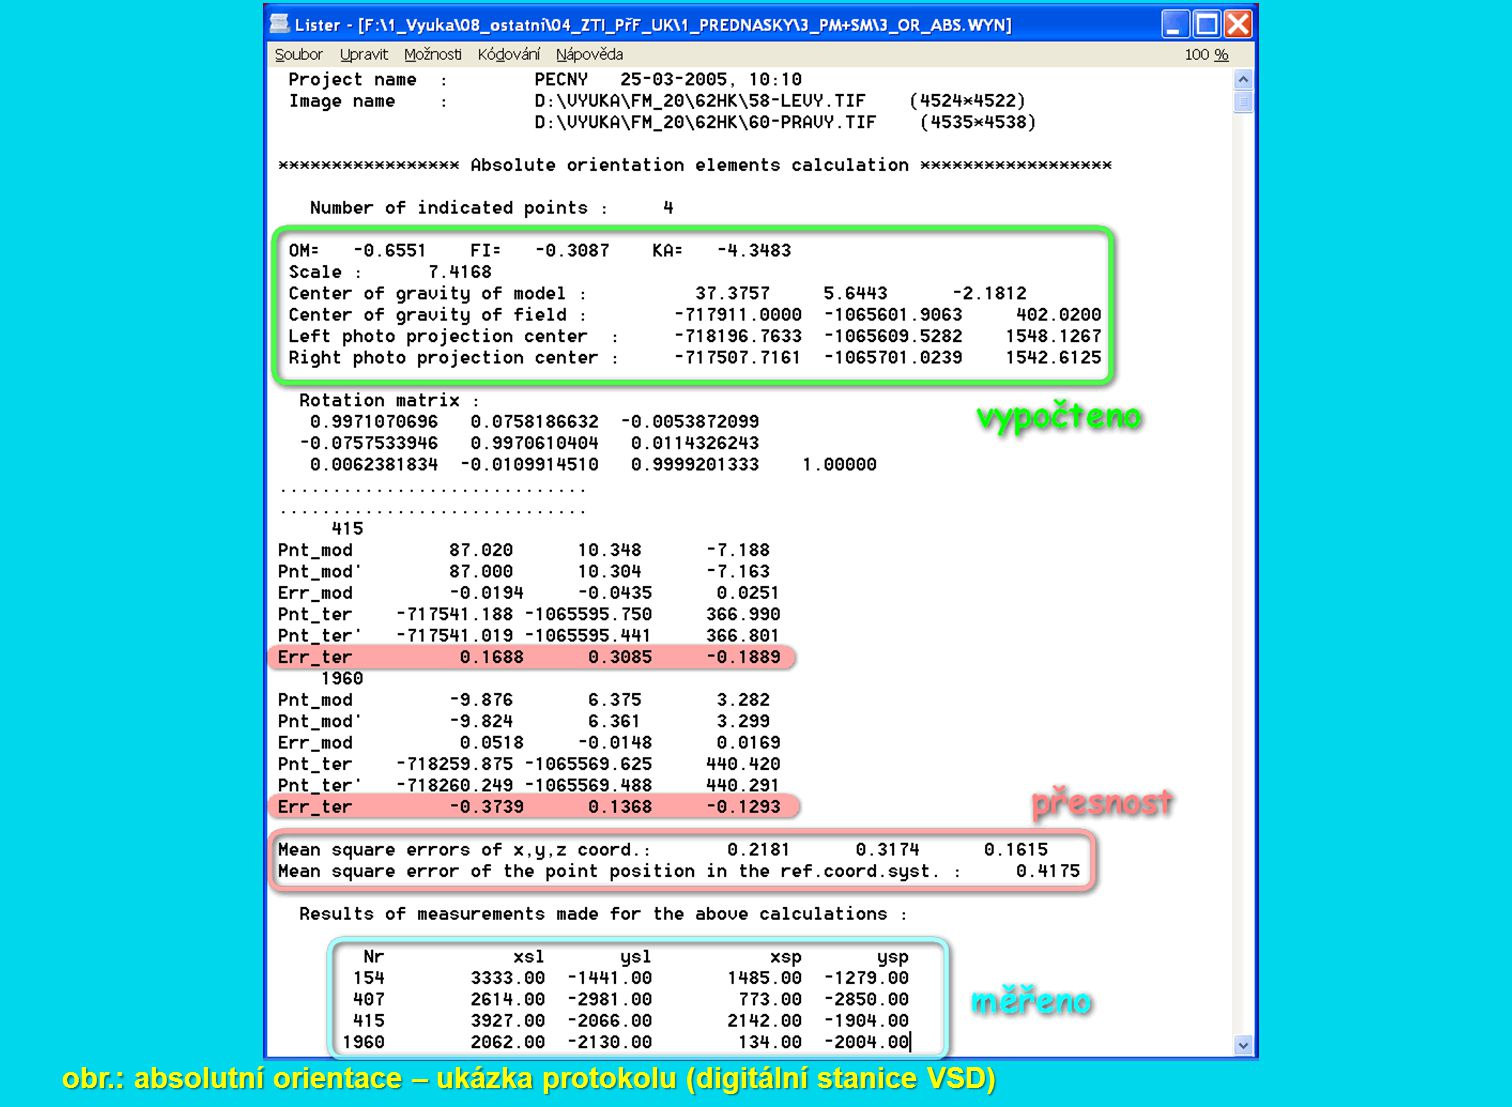 obr.: absolutní orientace – ukázka protokolu (digitální stanice VSD)